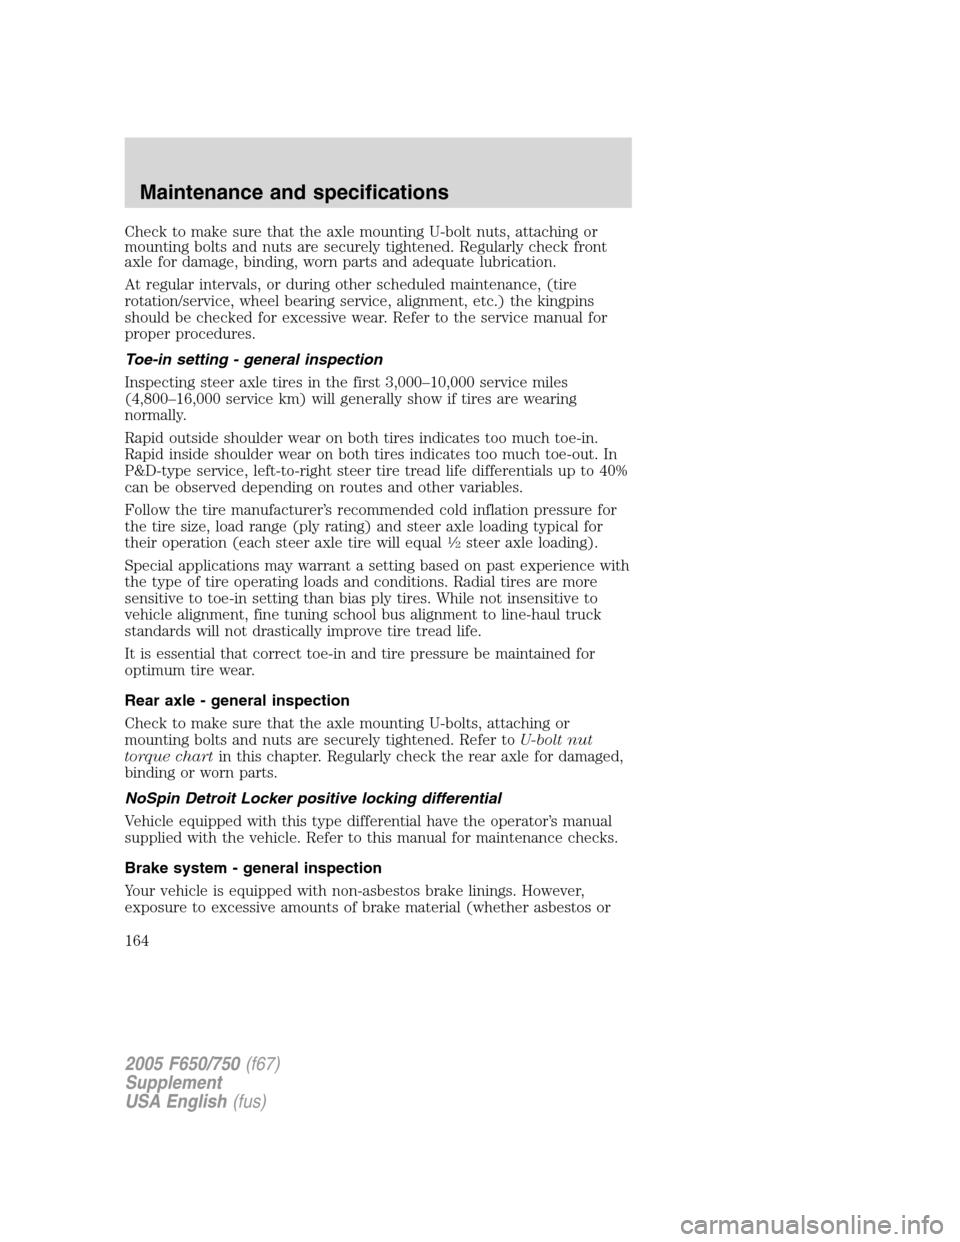 2012 ford f150 repair manual pdf